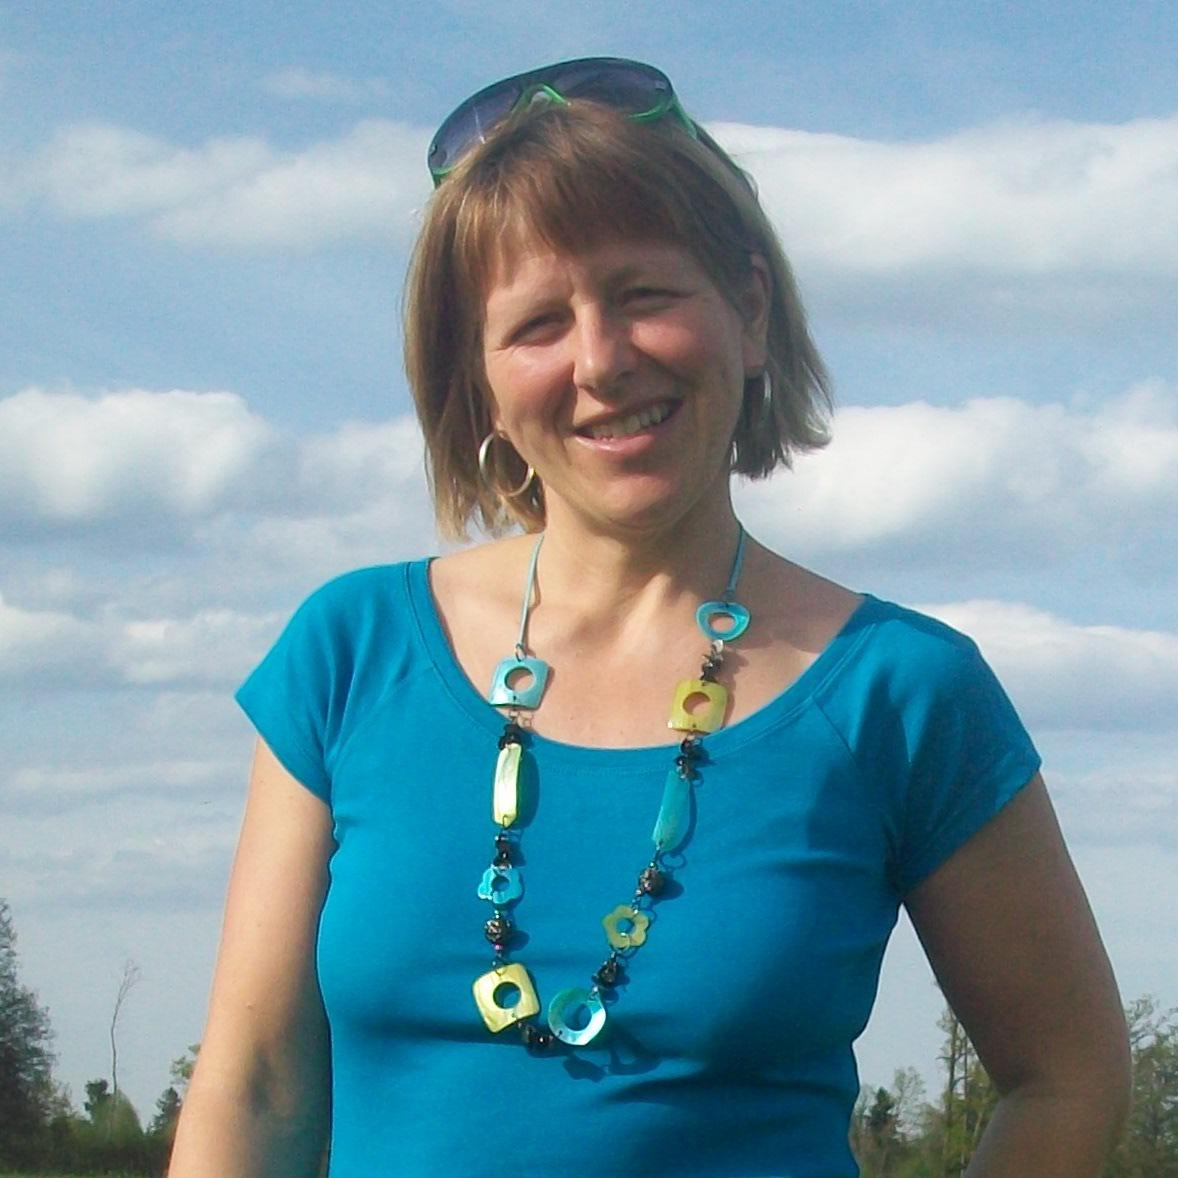 Doris Reinker